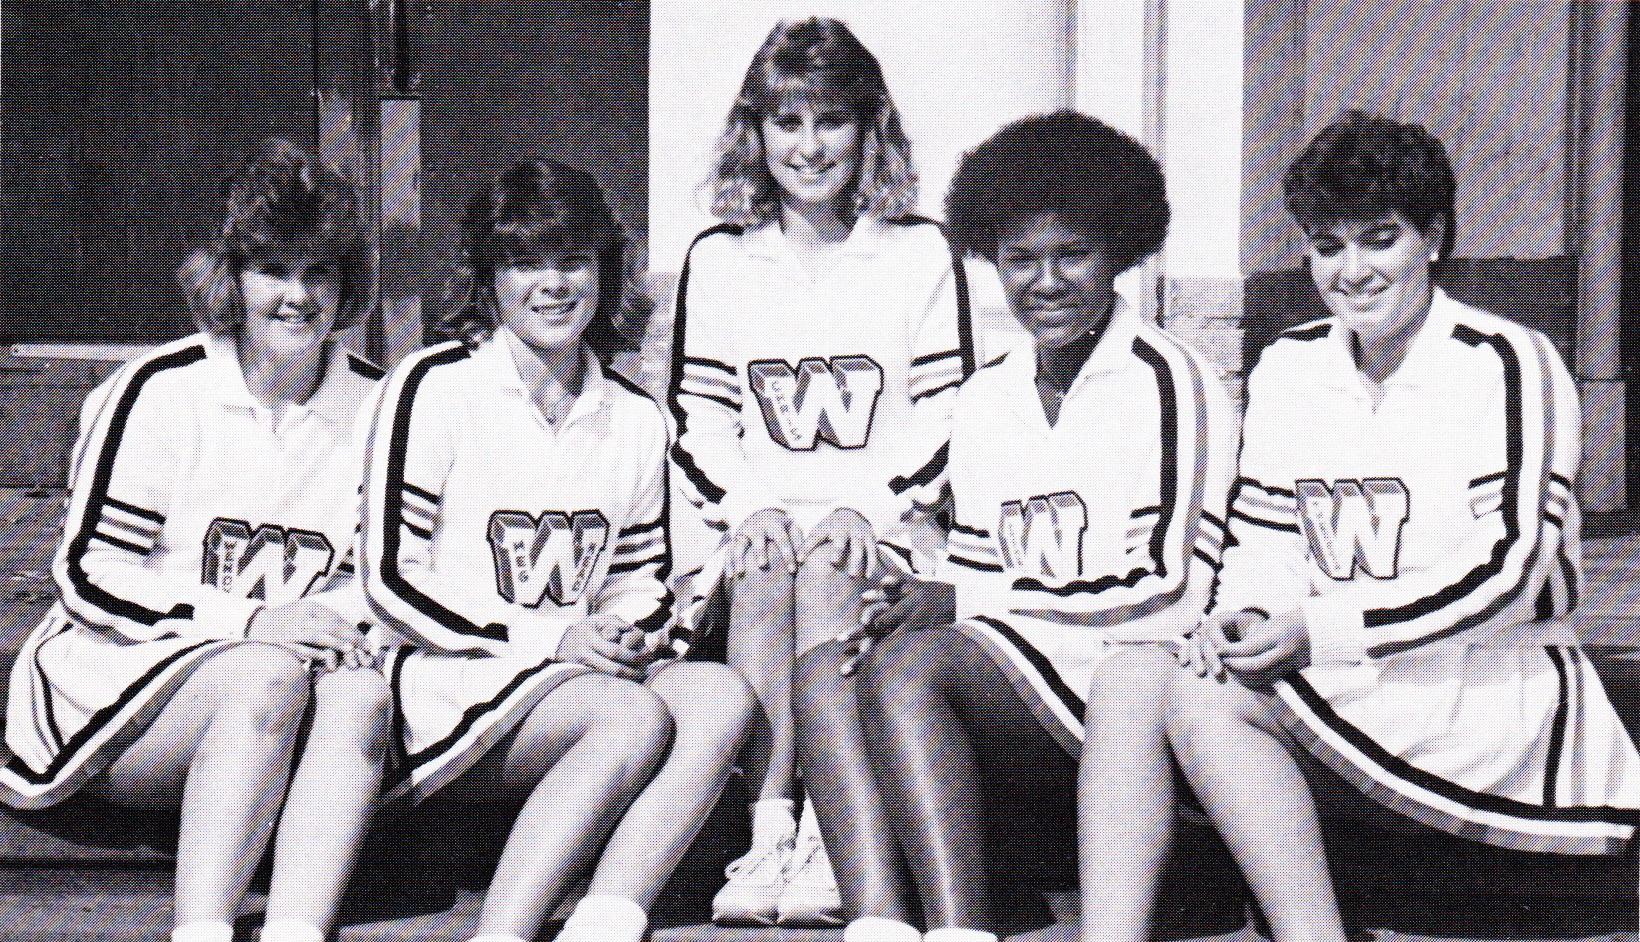 Cheerleaders (1985)